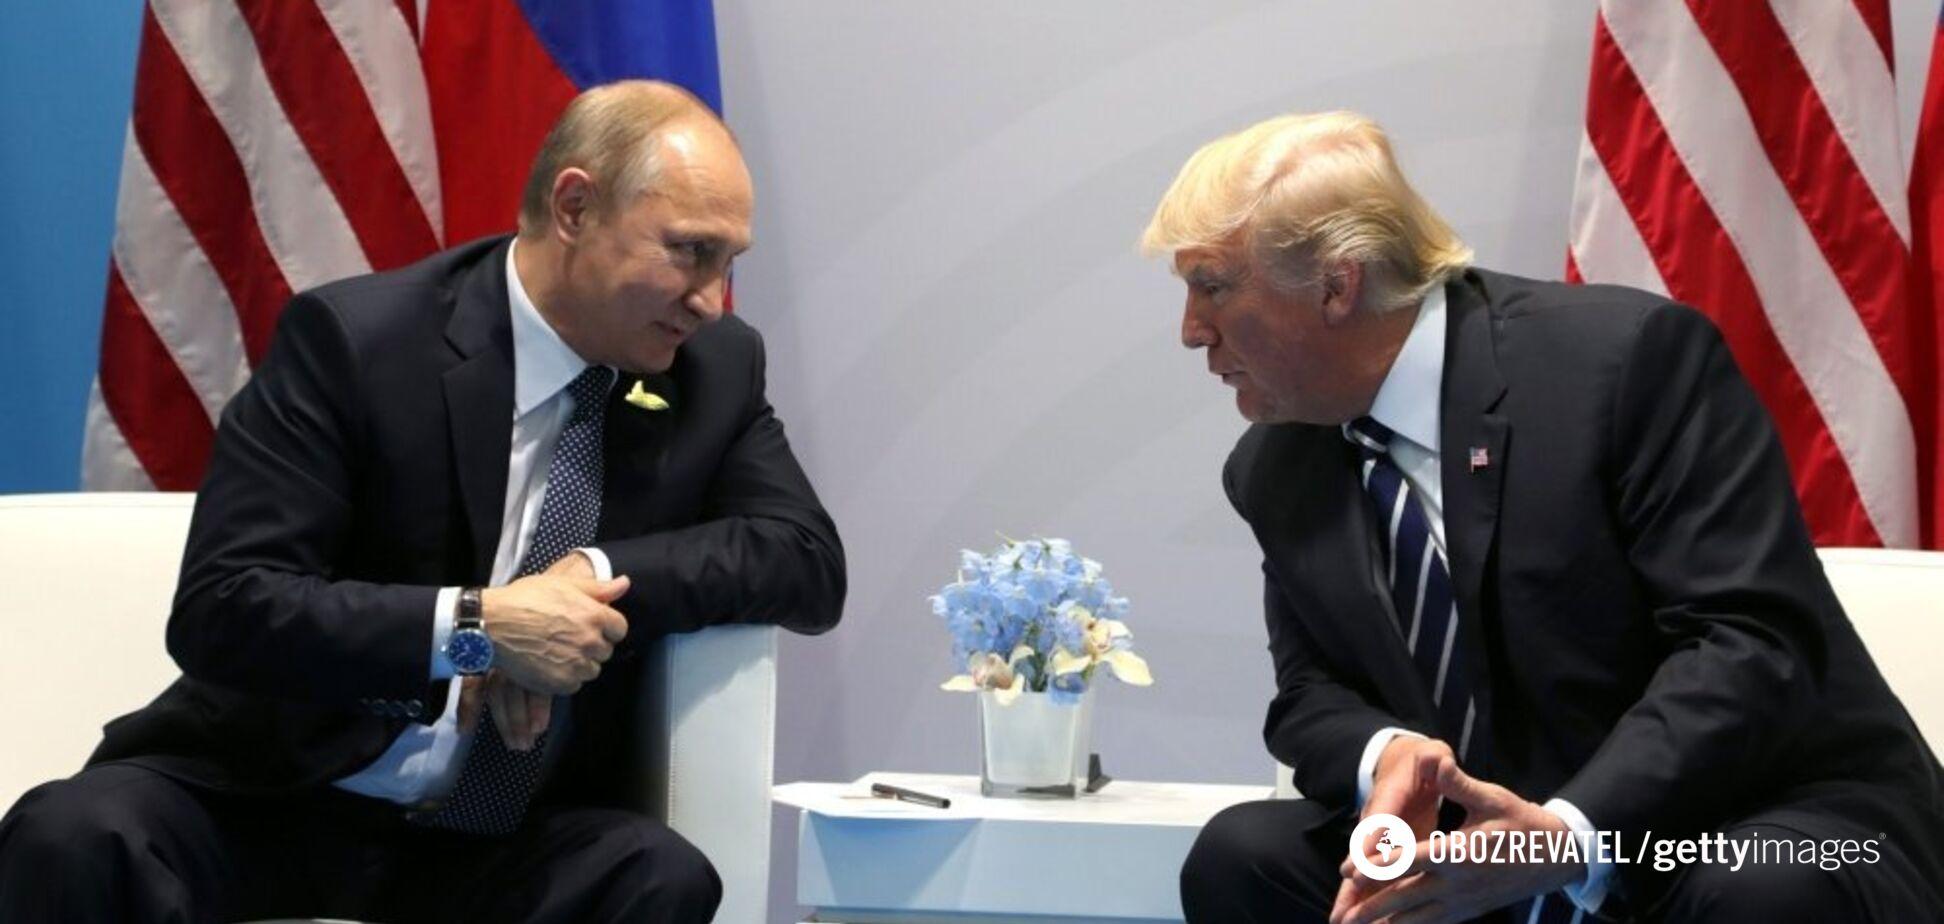 Обсуждали Украину: Белый дом рассекретил первые подробности встречи Путина и Трампа